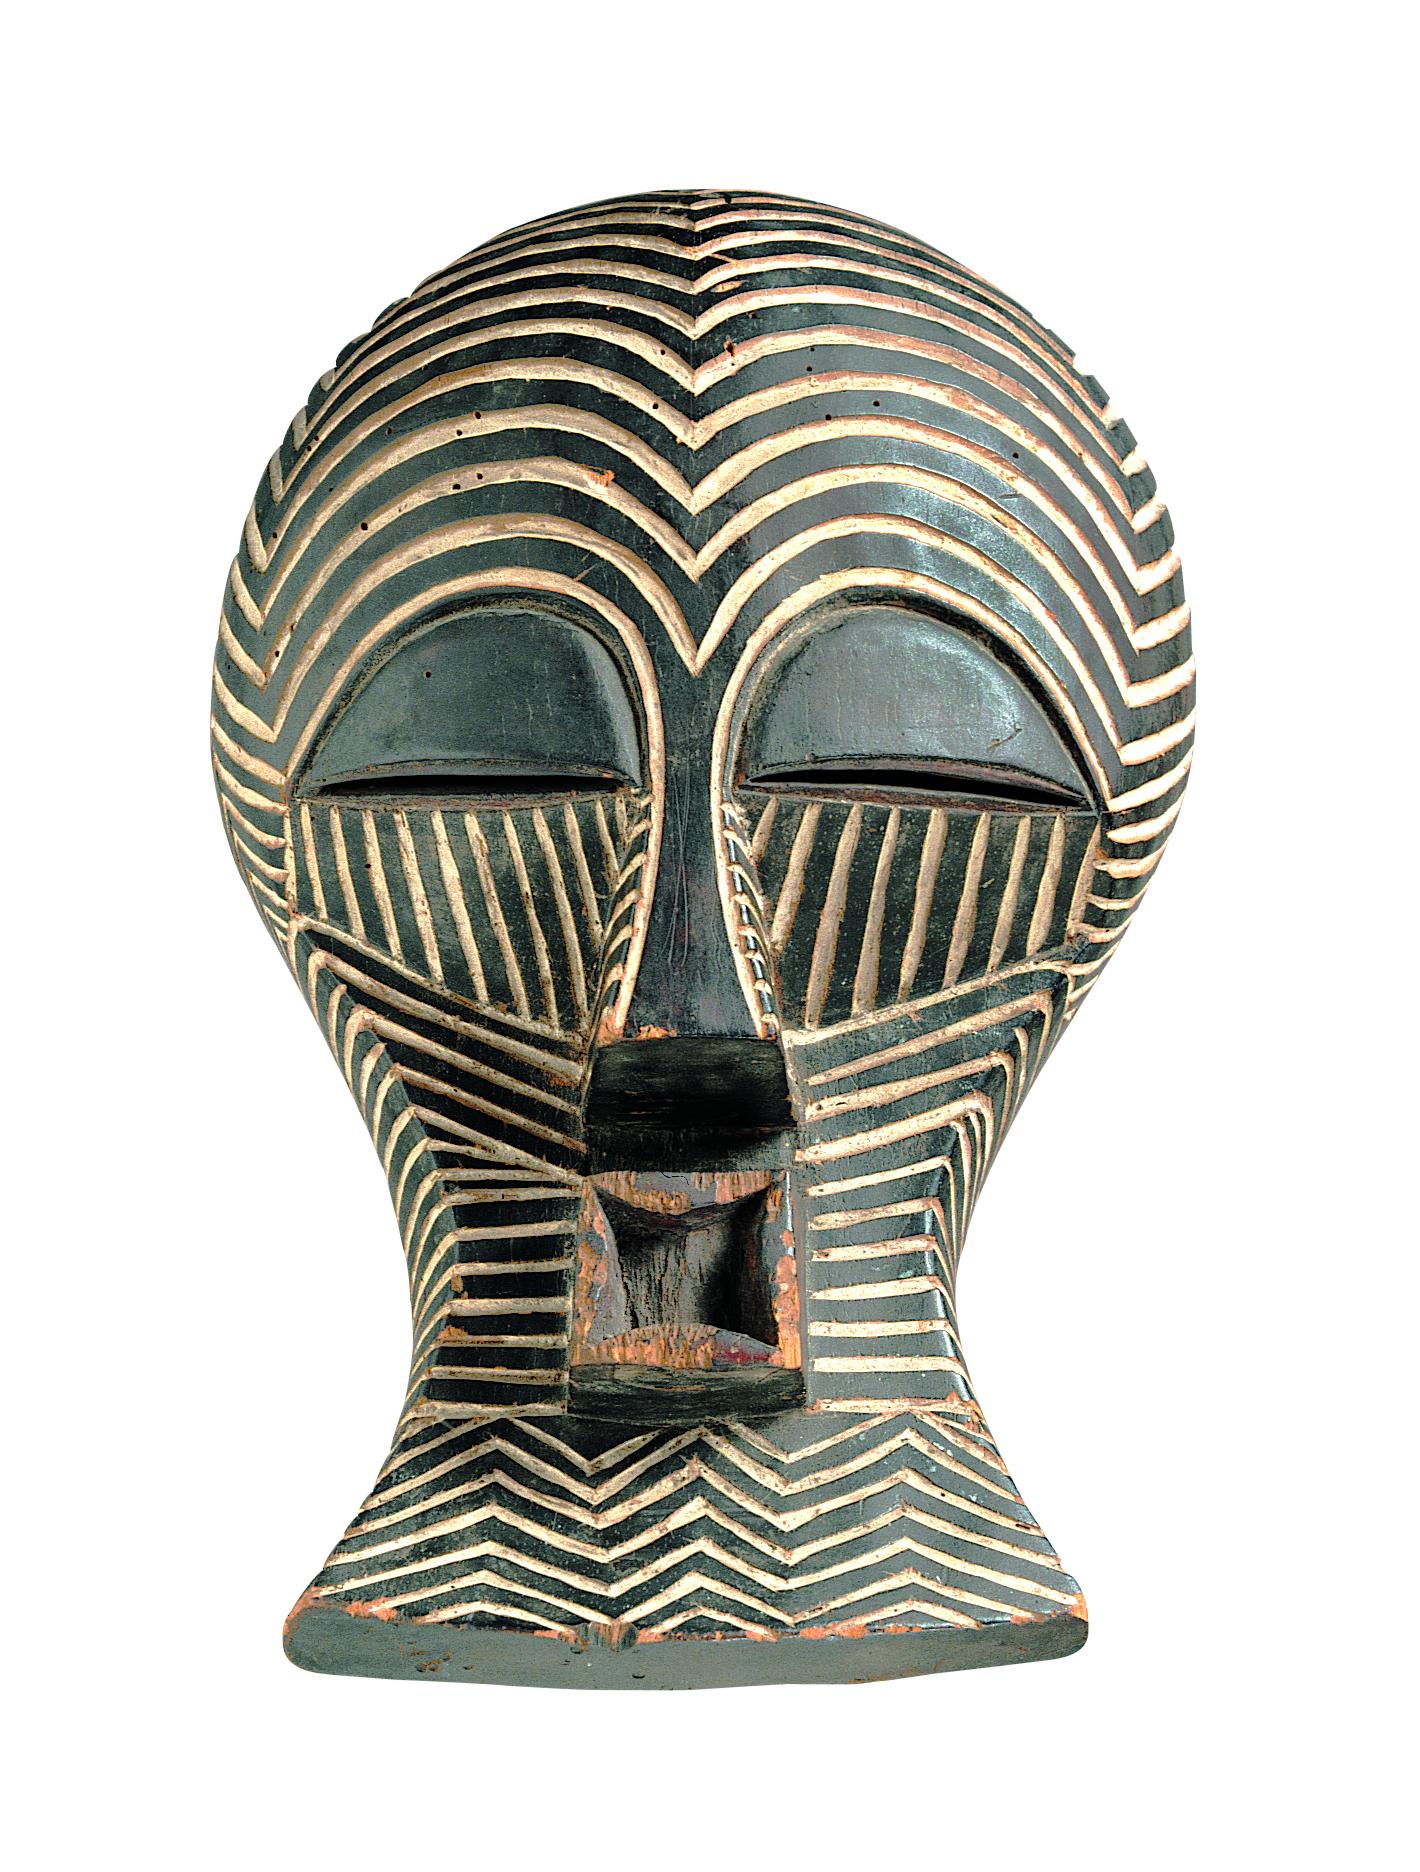 Gelaatsmasker (Kifwebe) Luba/Songye volken, Democratische Republiek Congo, begin 20ste eeuw. Collectie MAS, AE.0335. Foto Michel Wuyts